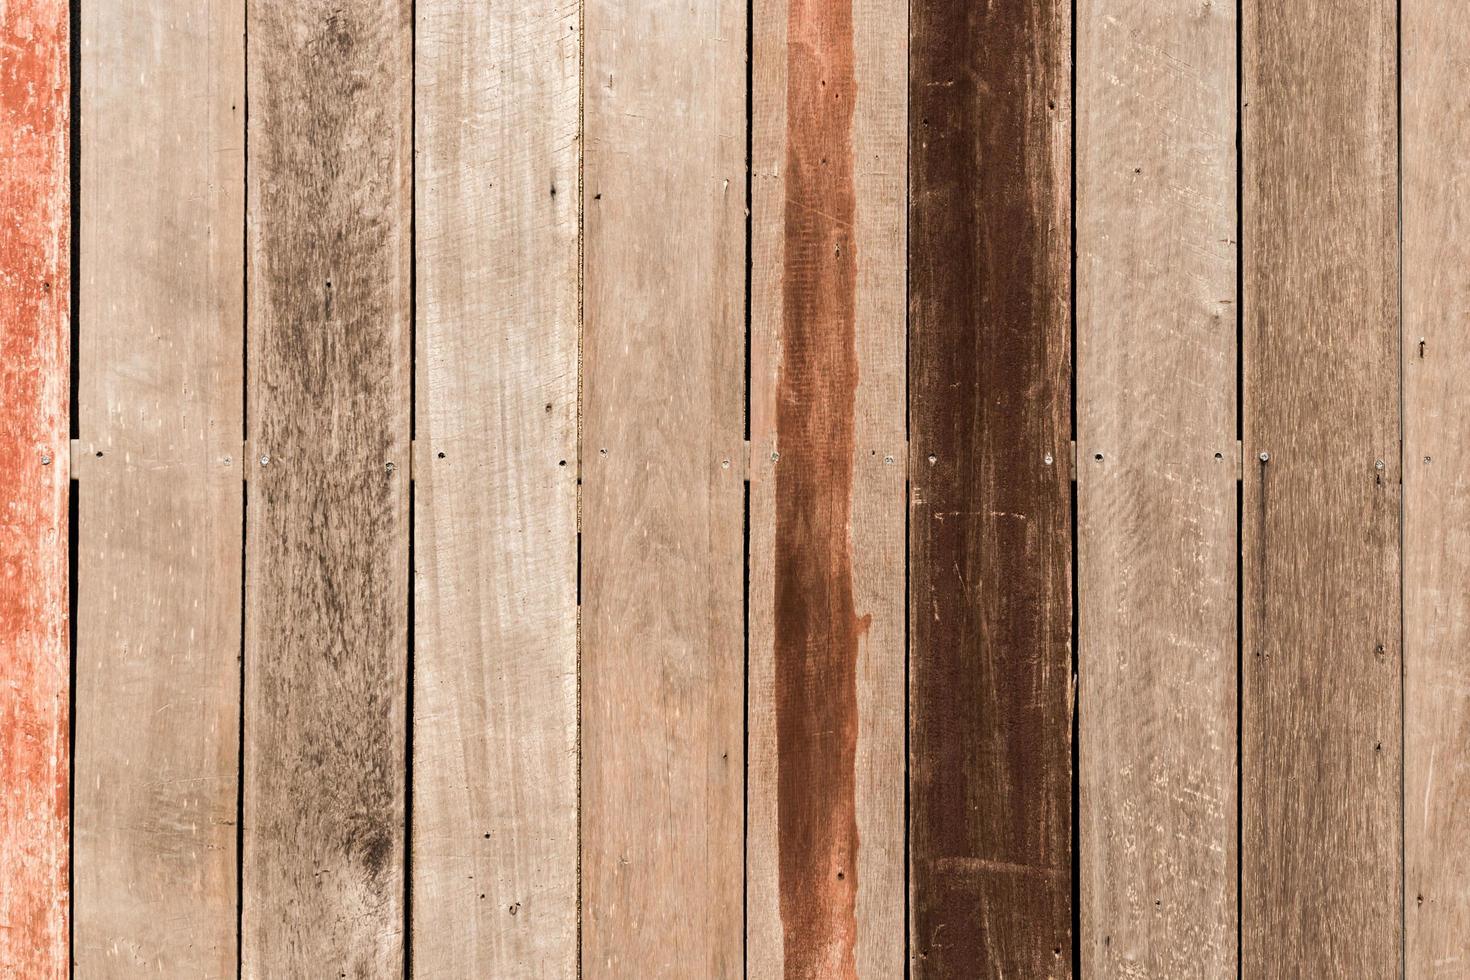 trästruktur. bakgrund gammal panel foto